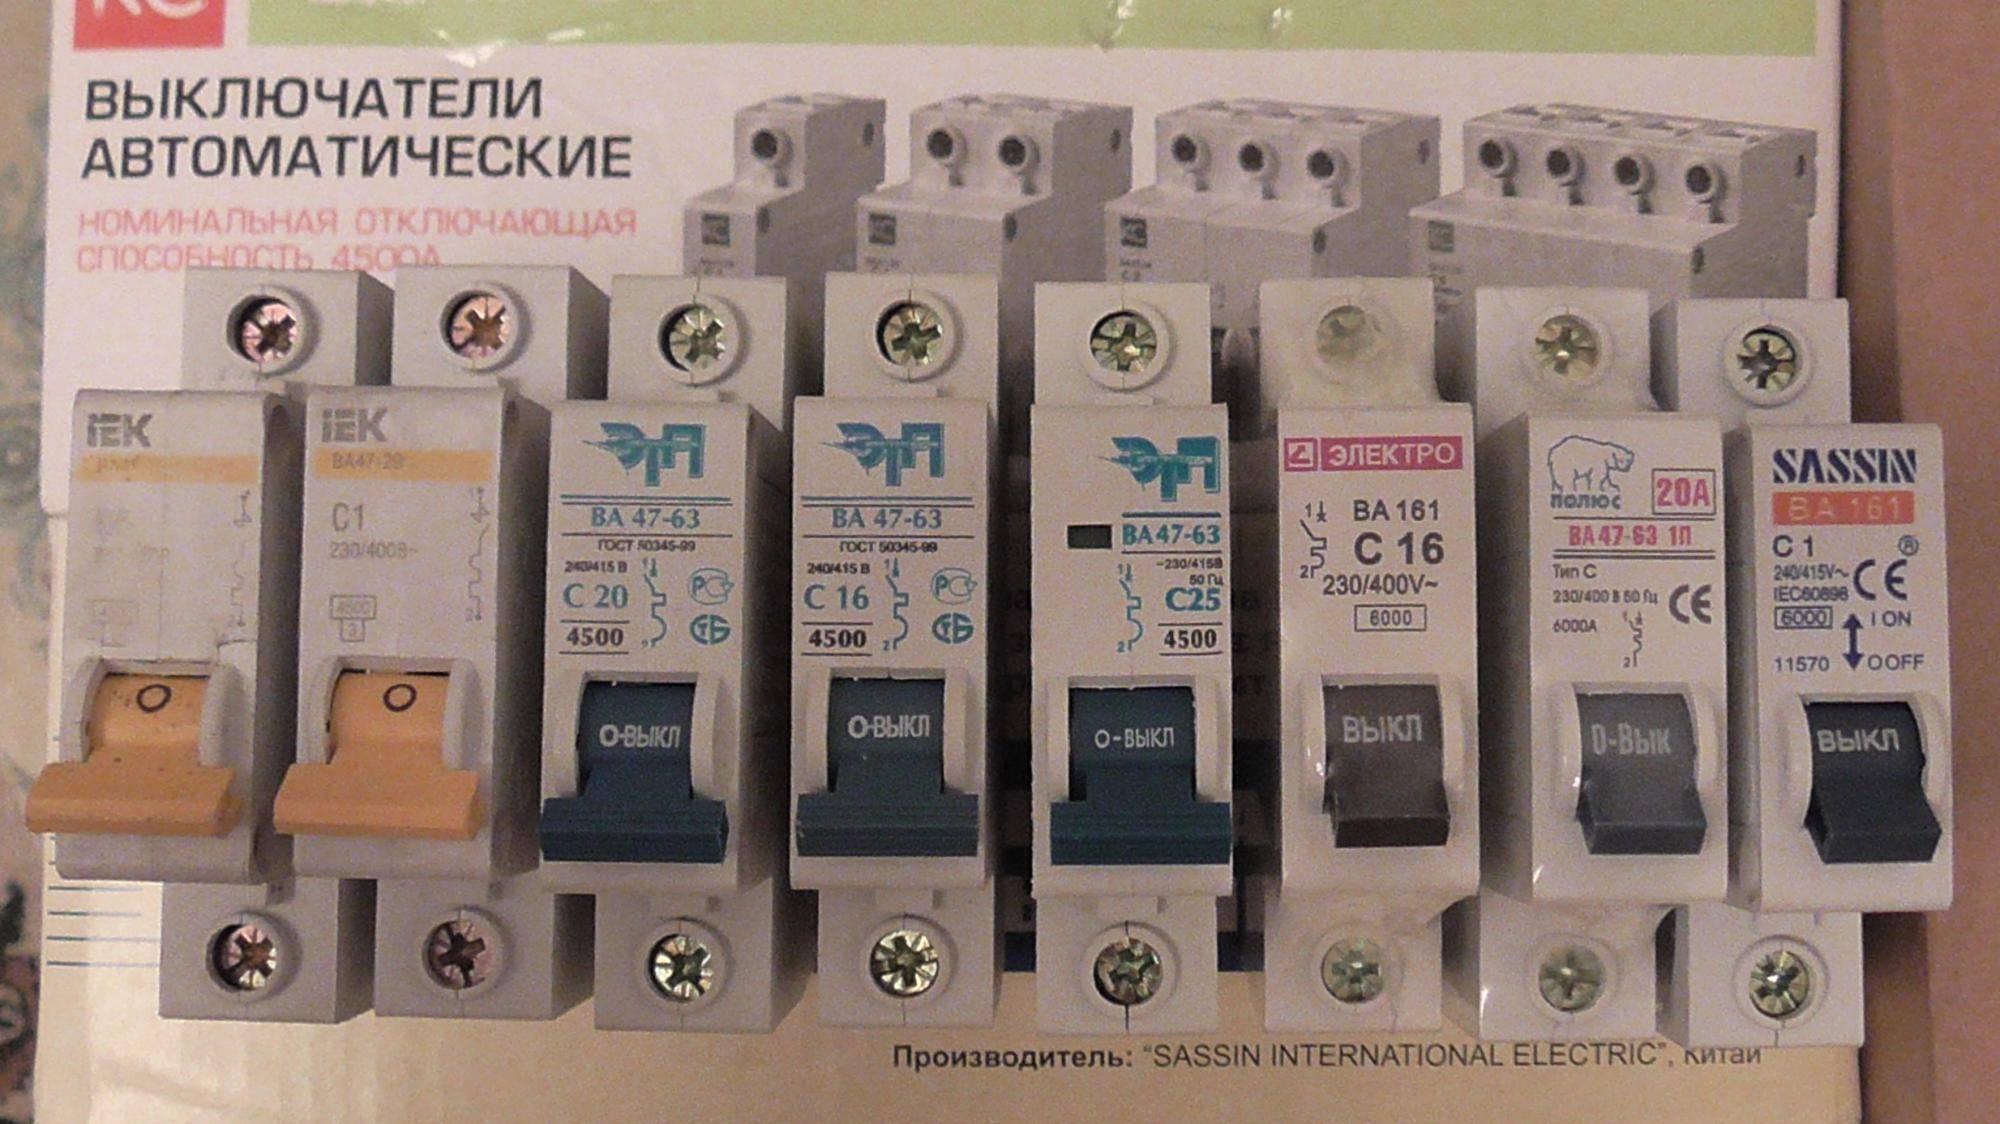 Какие выбрать автоматы: iek или abb?